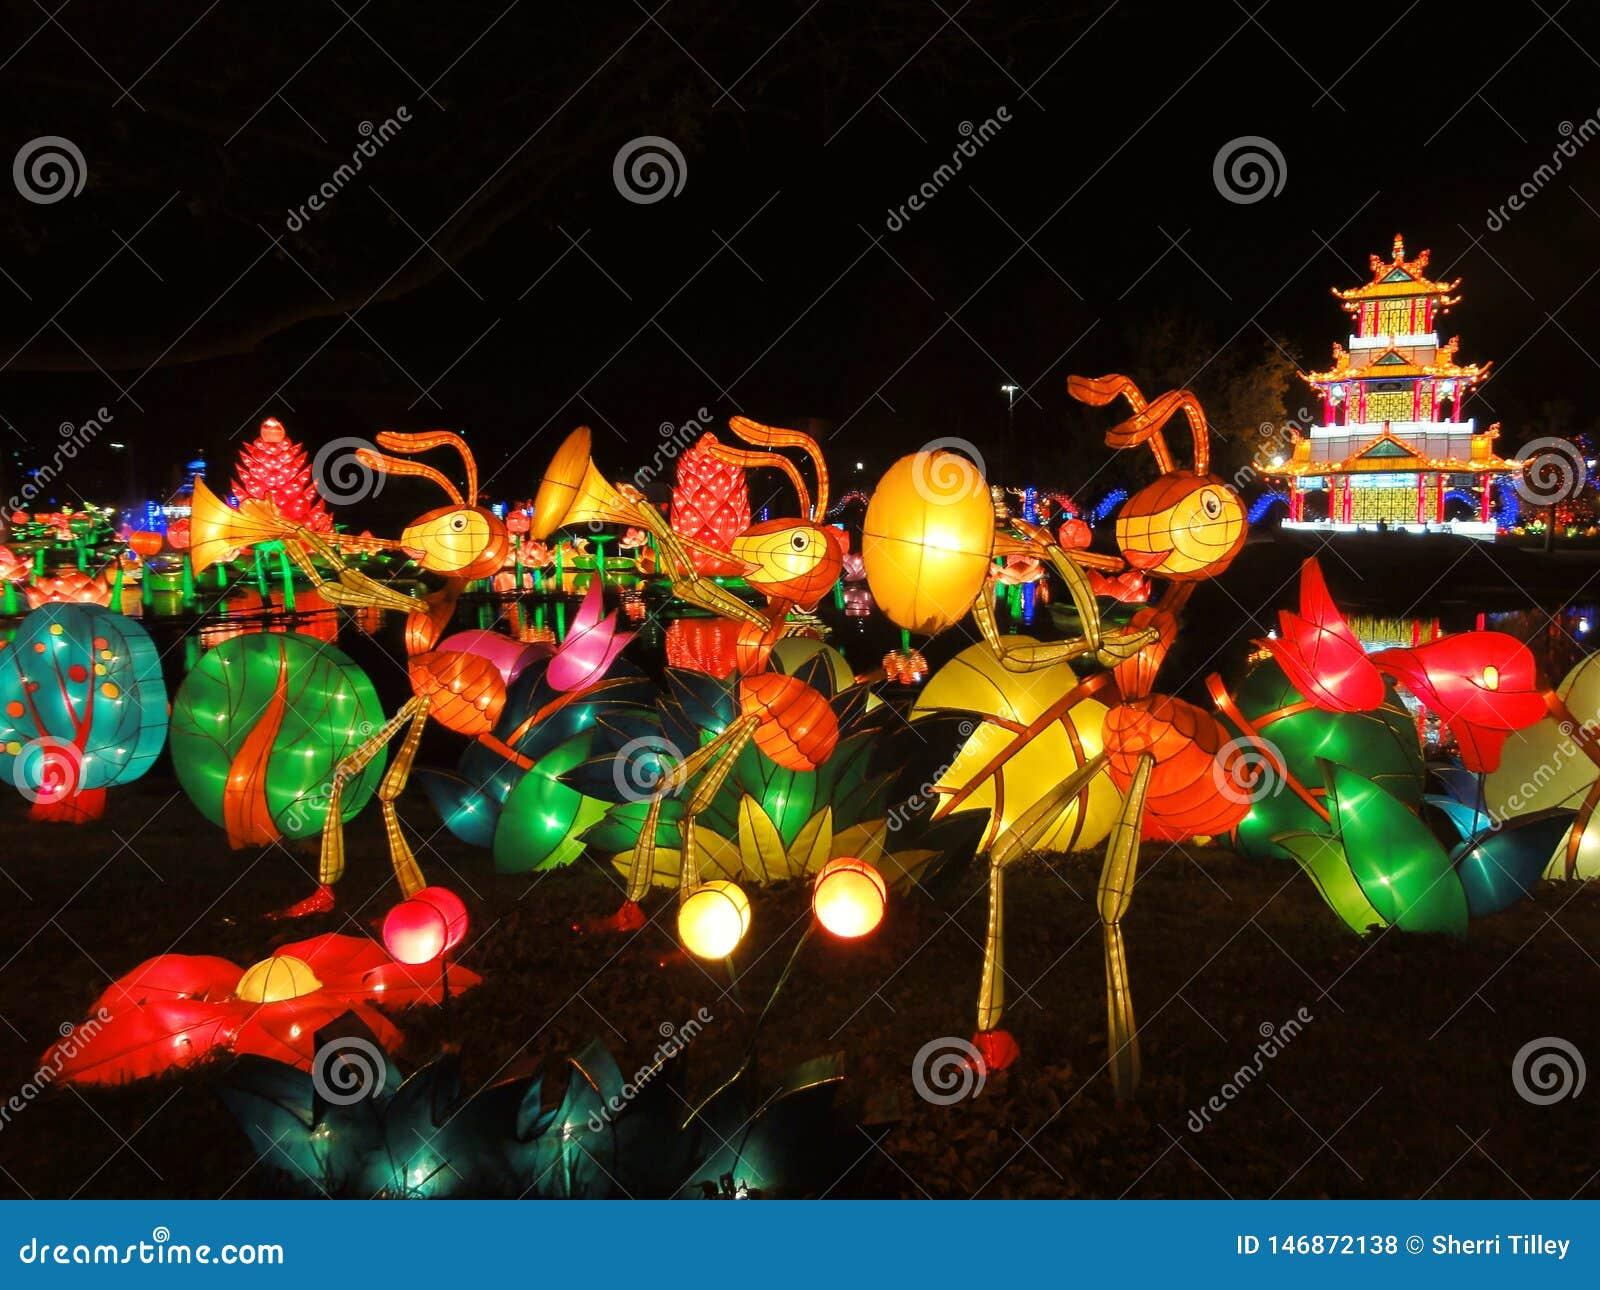 Κινεζική φαναριών τέχνη εγκατάστασης φεστιβάλ ελαφριά των μυρμηγκιών που παίζει τη μουσική